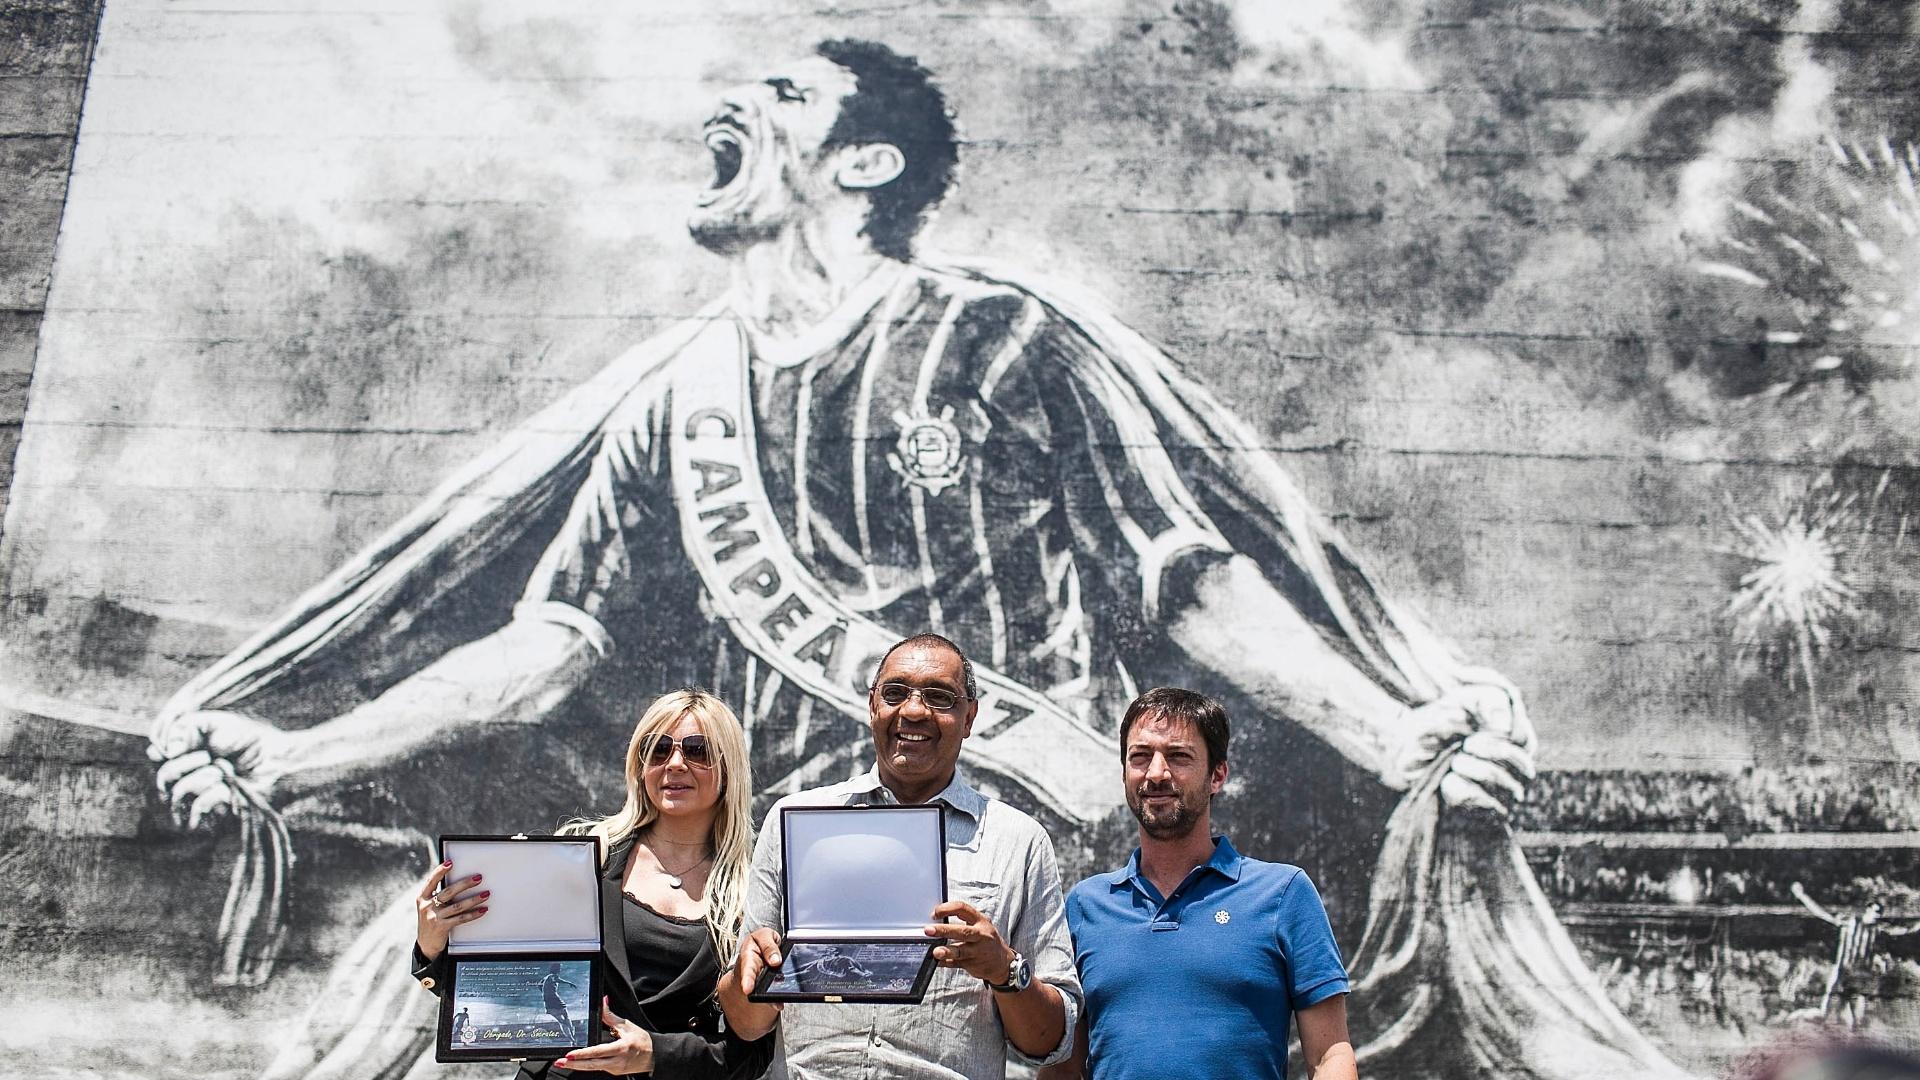 Kátia Bagnarelli, viúva de Sócrates, e Basílio (centro) receberam homenagem do diretor do Corinthians, Duilio Monteiro Alves, nesta segunda (8/10/2012)